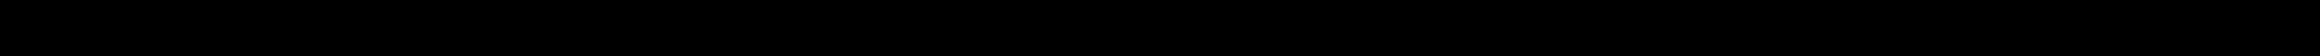 BOSCH BD2074, E1 90 R - 02C0289/0174, 77 01 207 795, 40206 3AW0A, 40206 AX600 Disco de travão